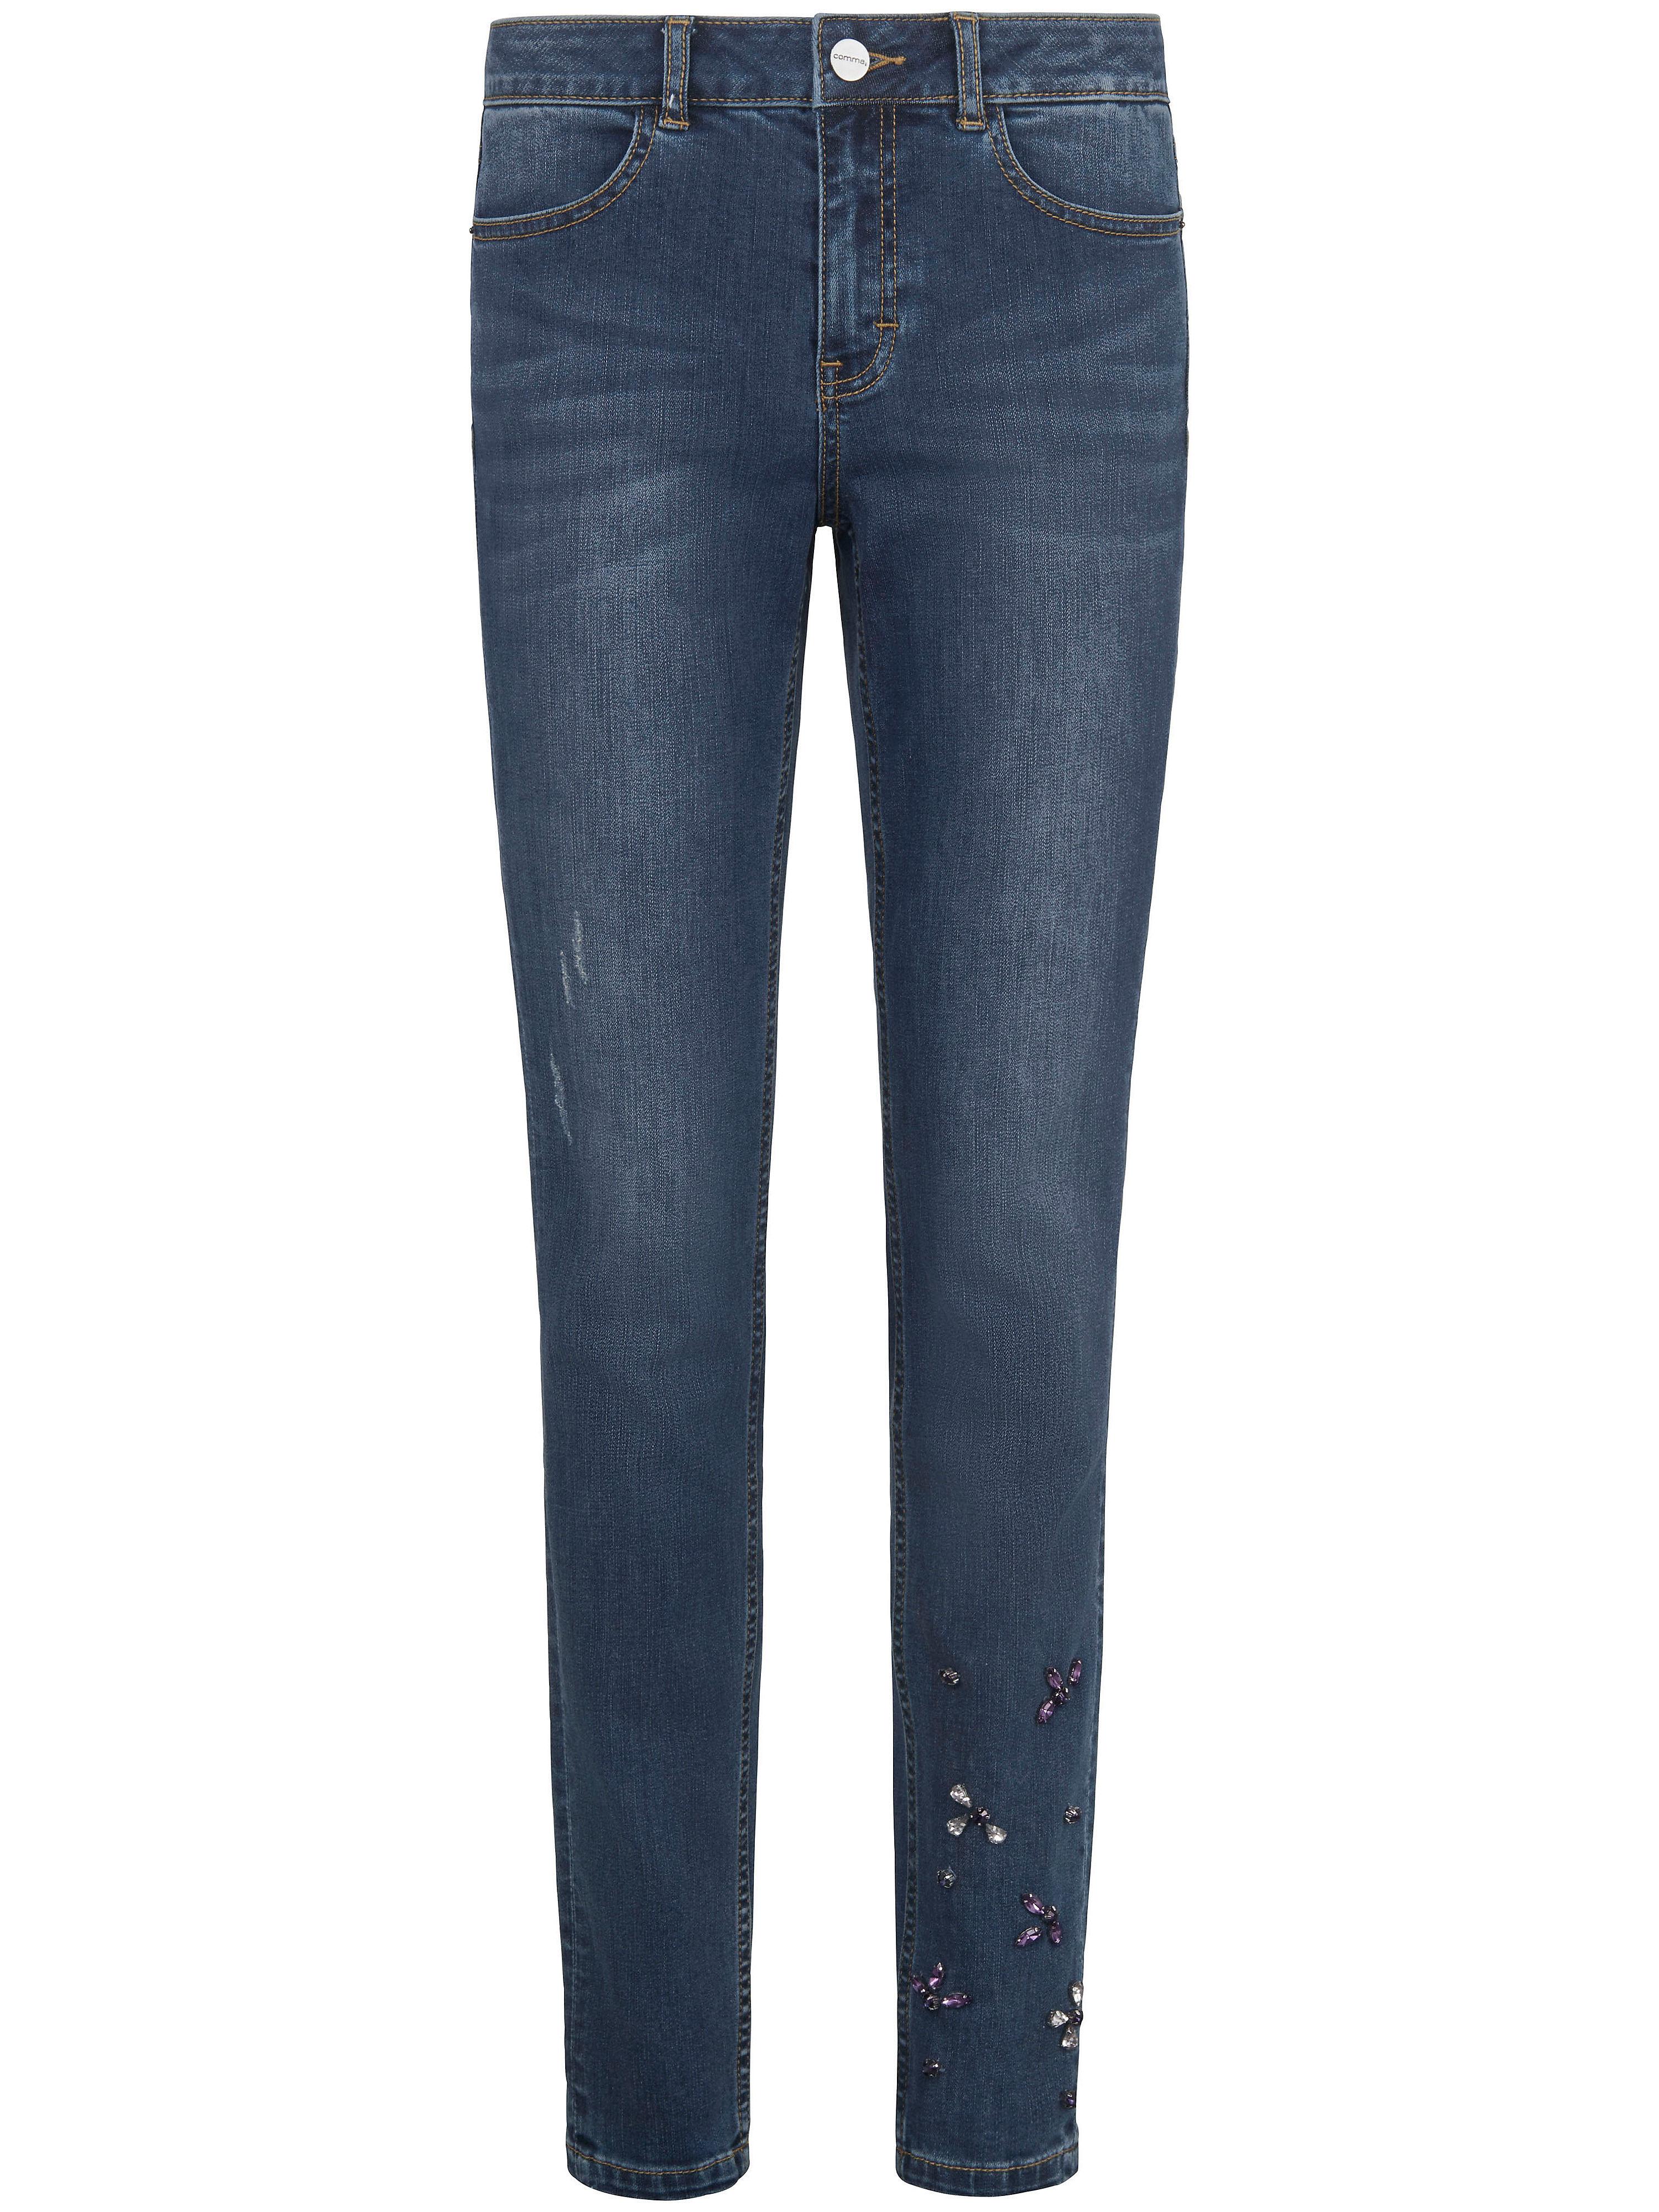 Jeans Van comma, denim